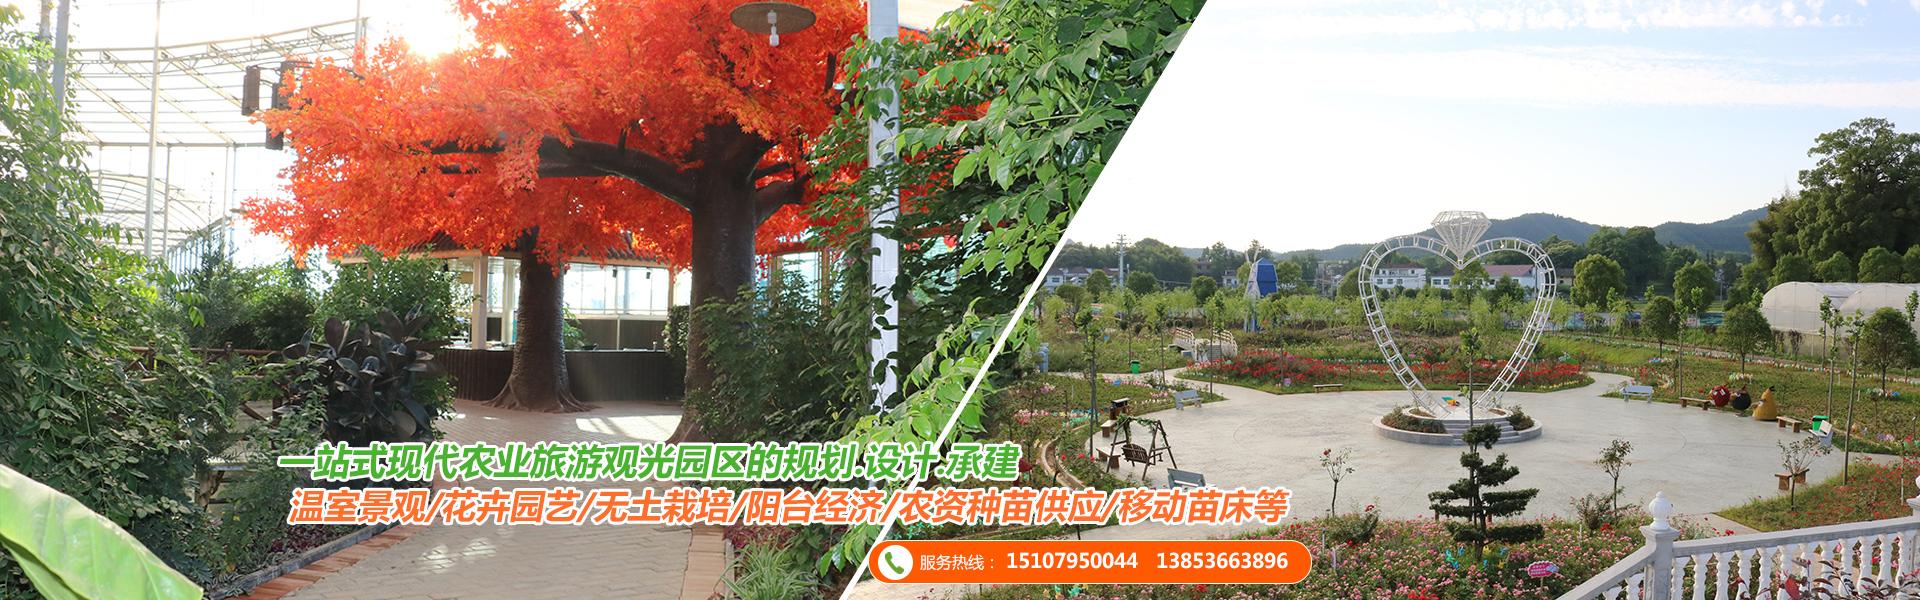 安徽温室工程